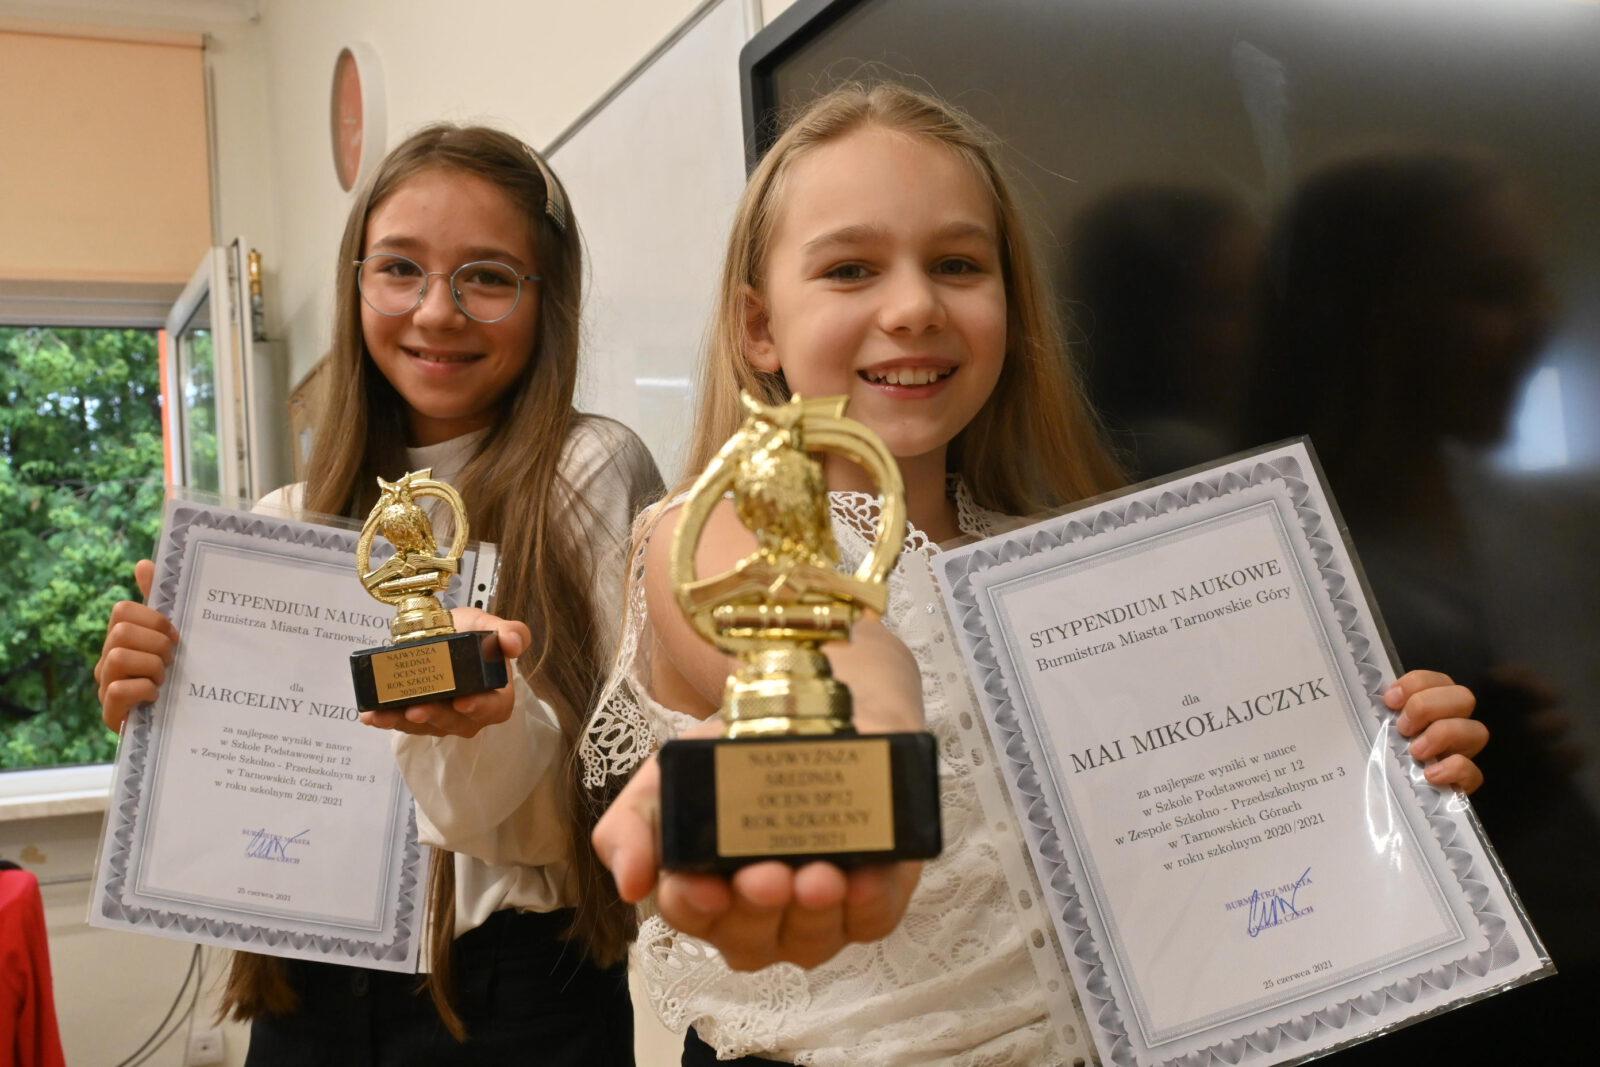 Dwie uśmiechnięte dziewczynki z dyplomami i statuetkami w dłoniach.